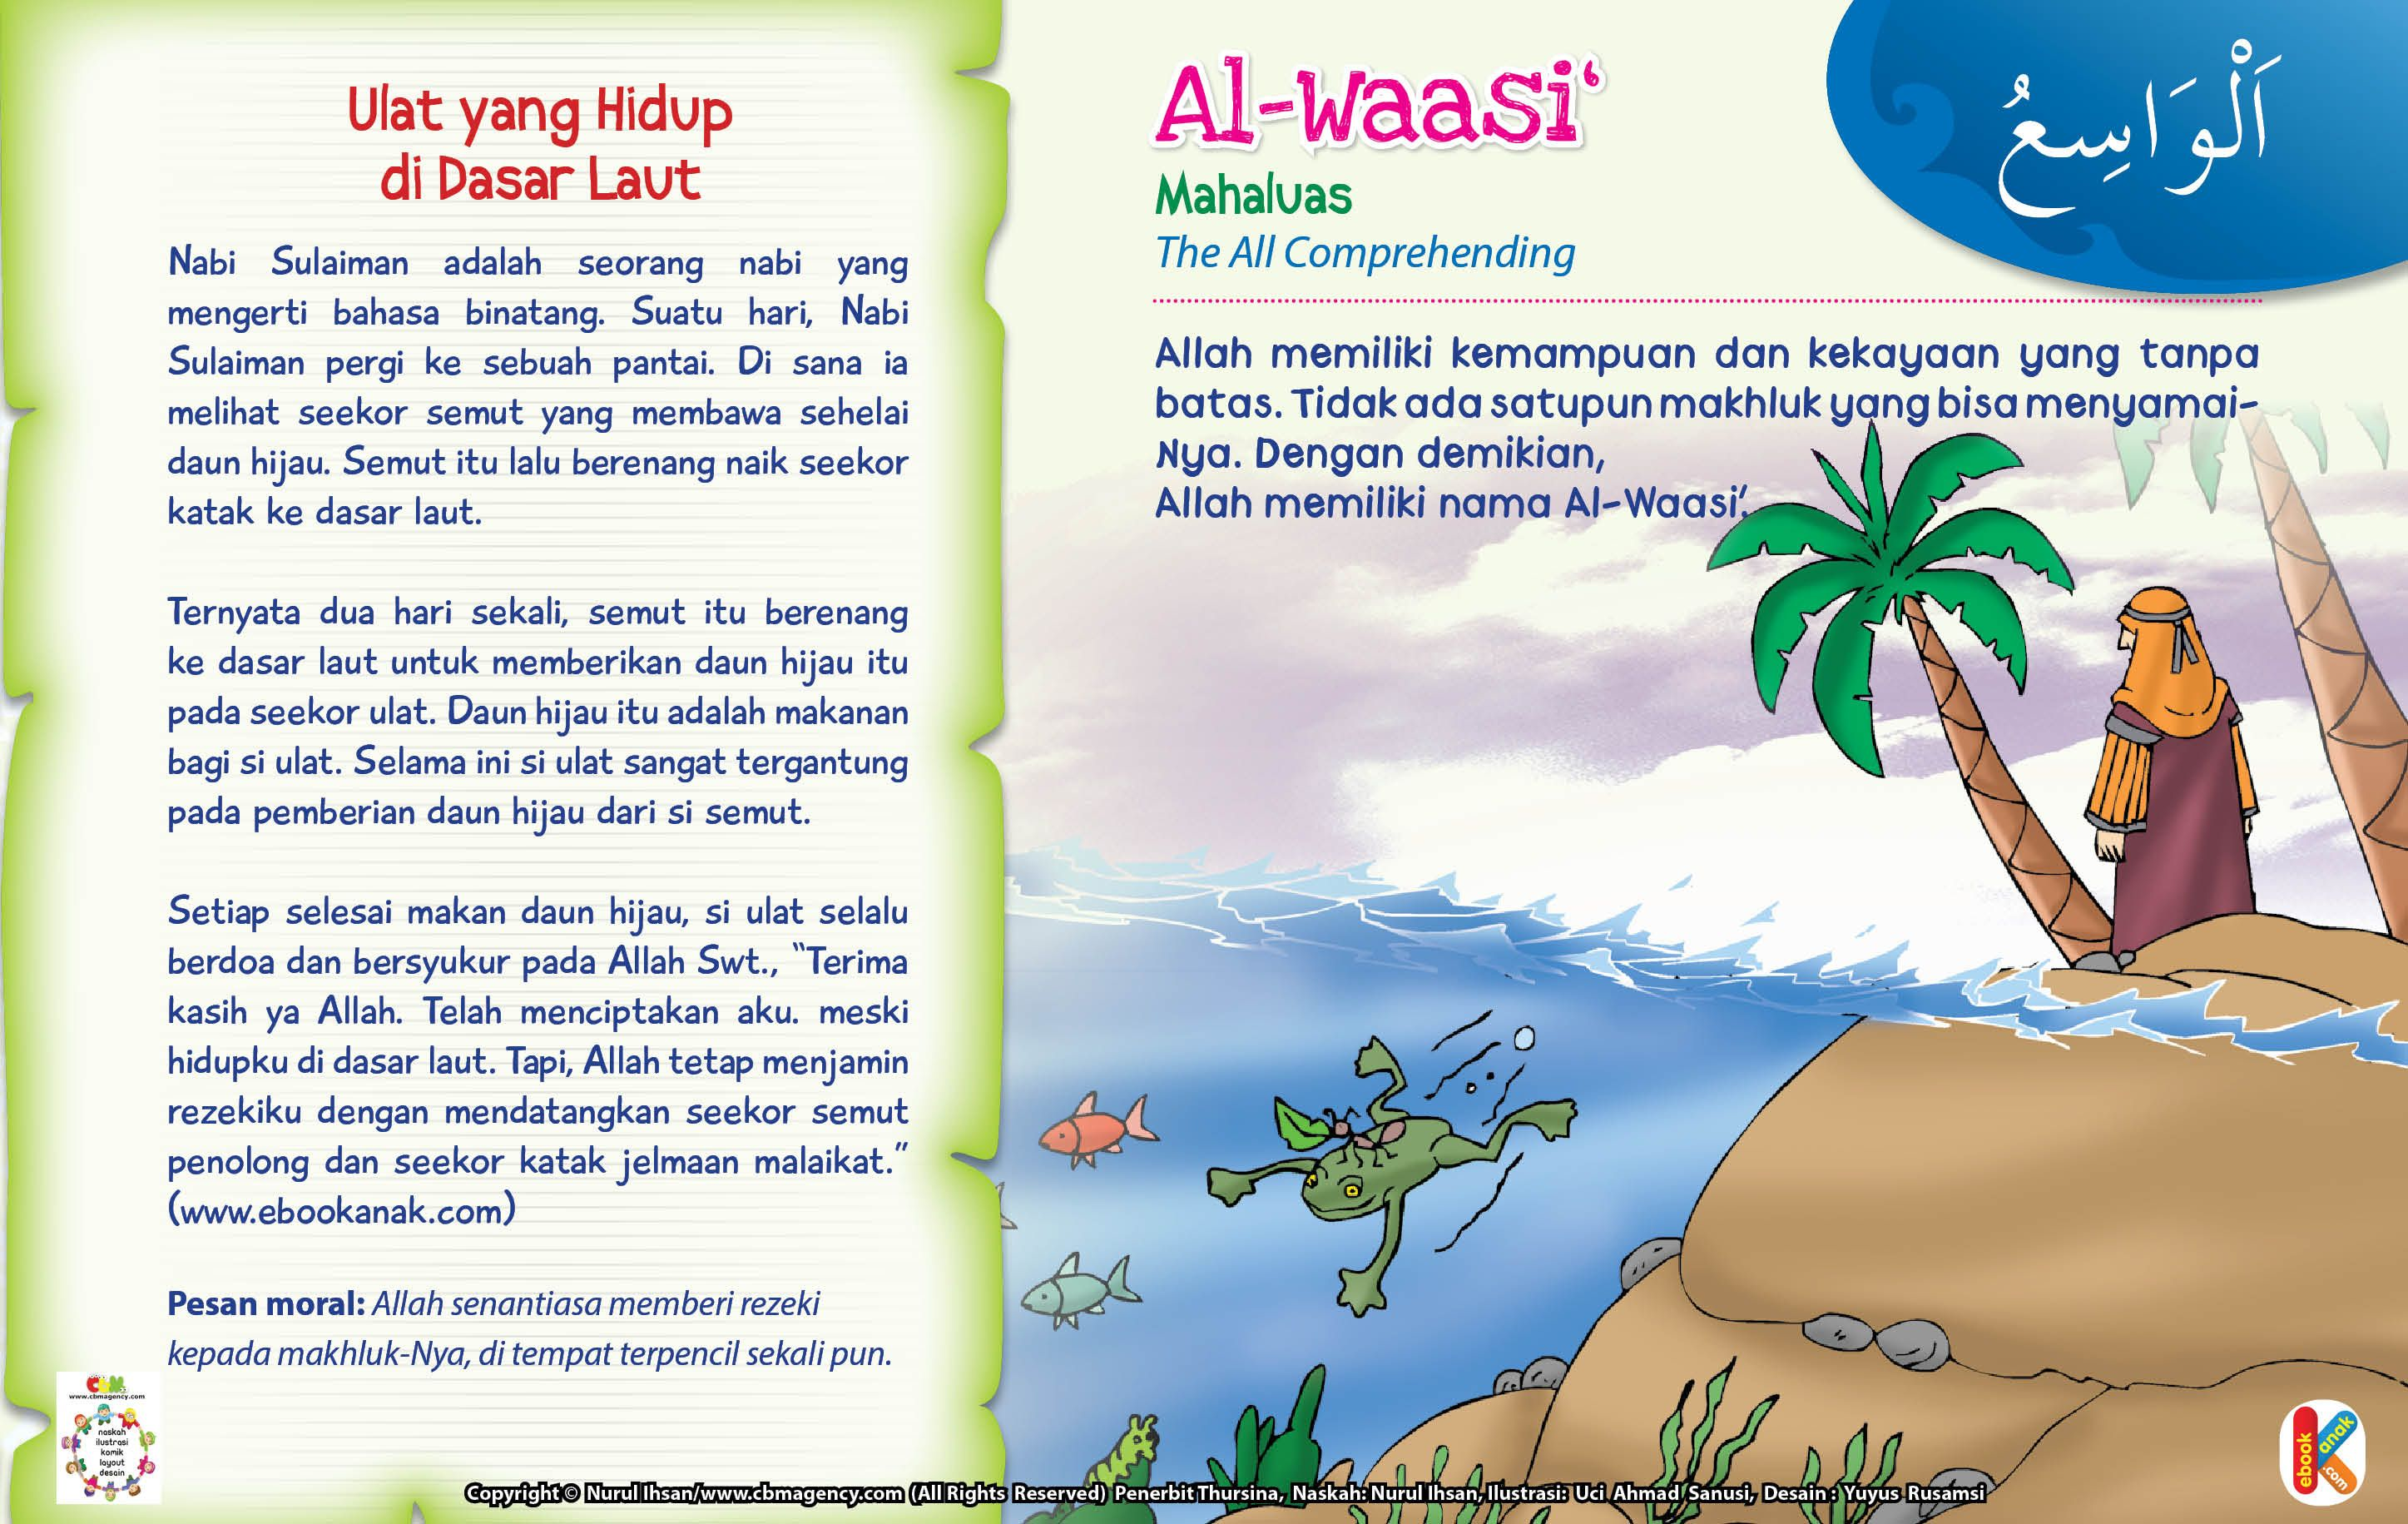 Kisah Asma'ul Husna AlWaasi' Anak, Hidup, dan Bepergian